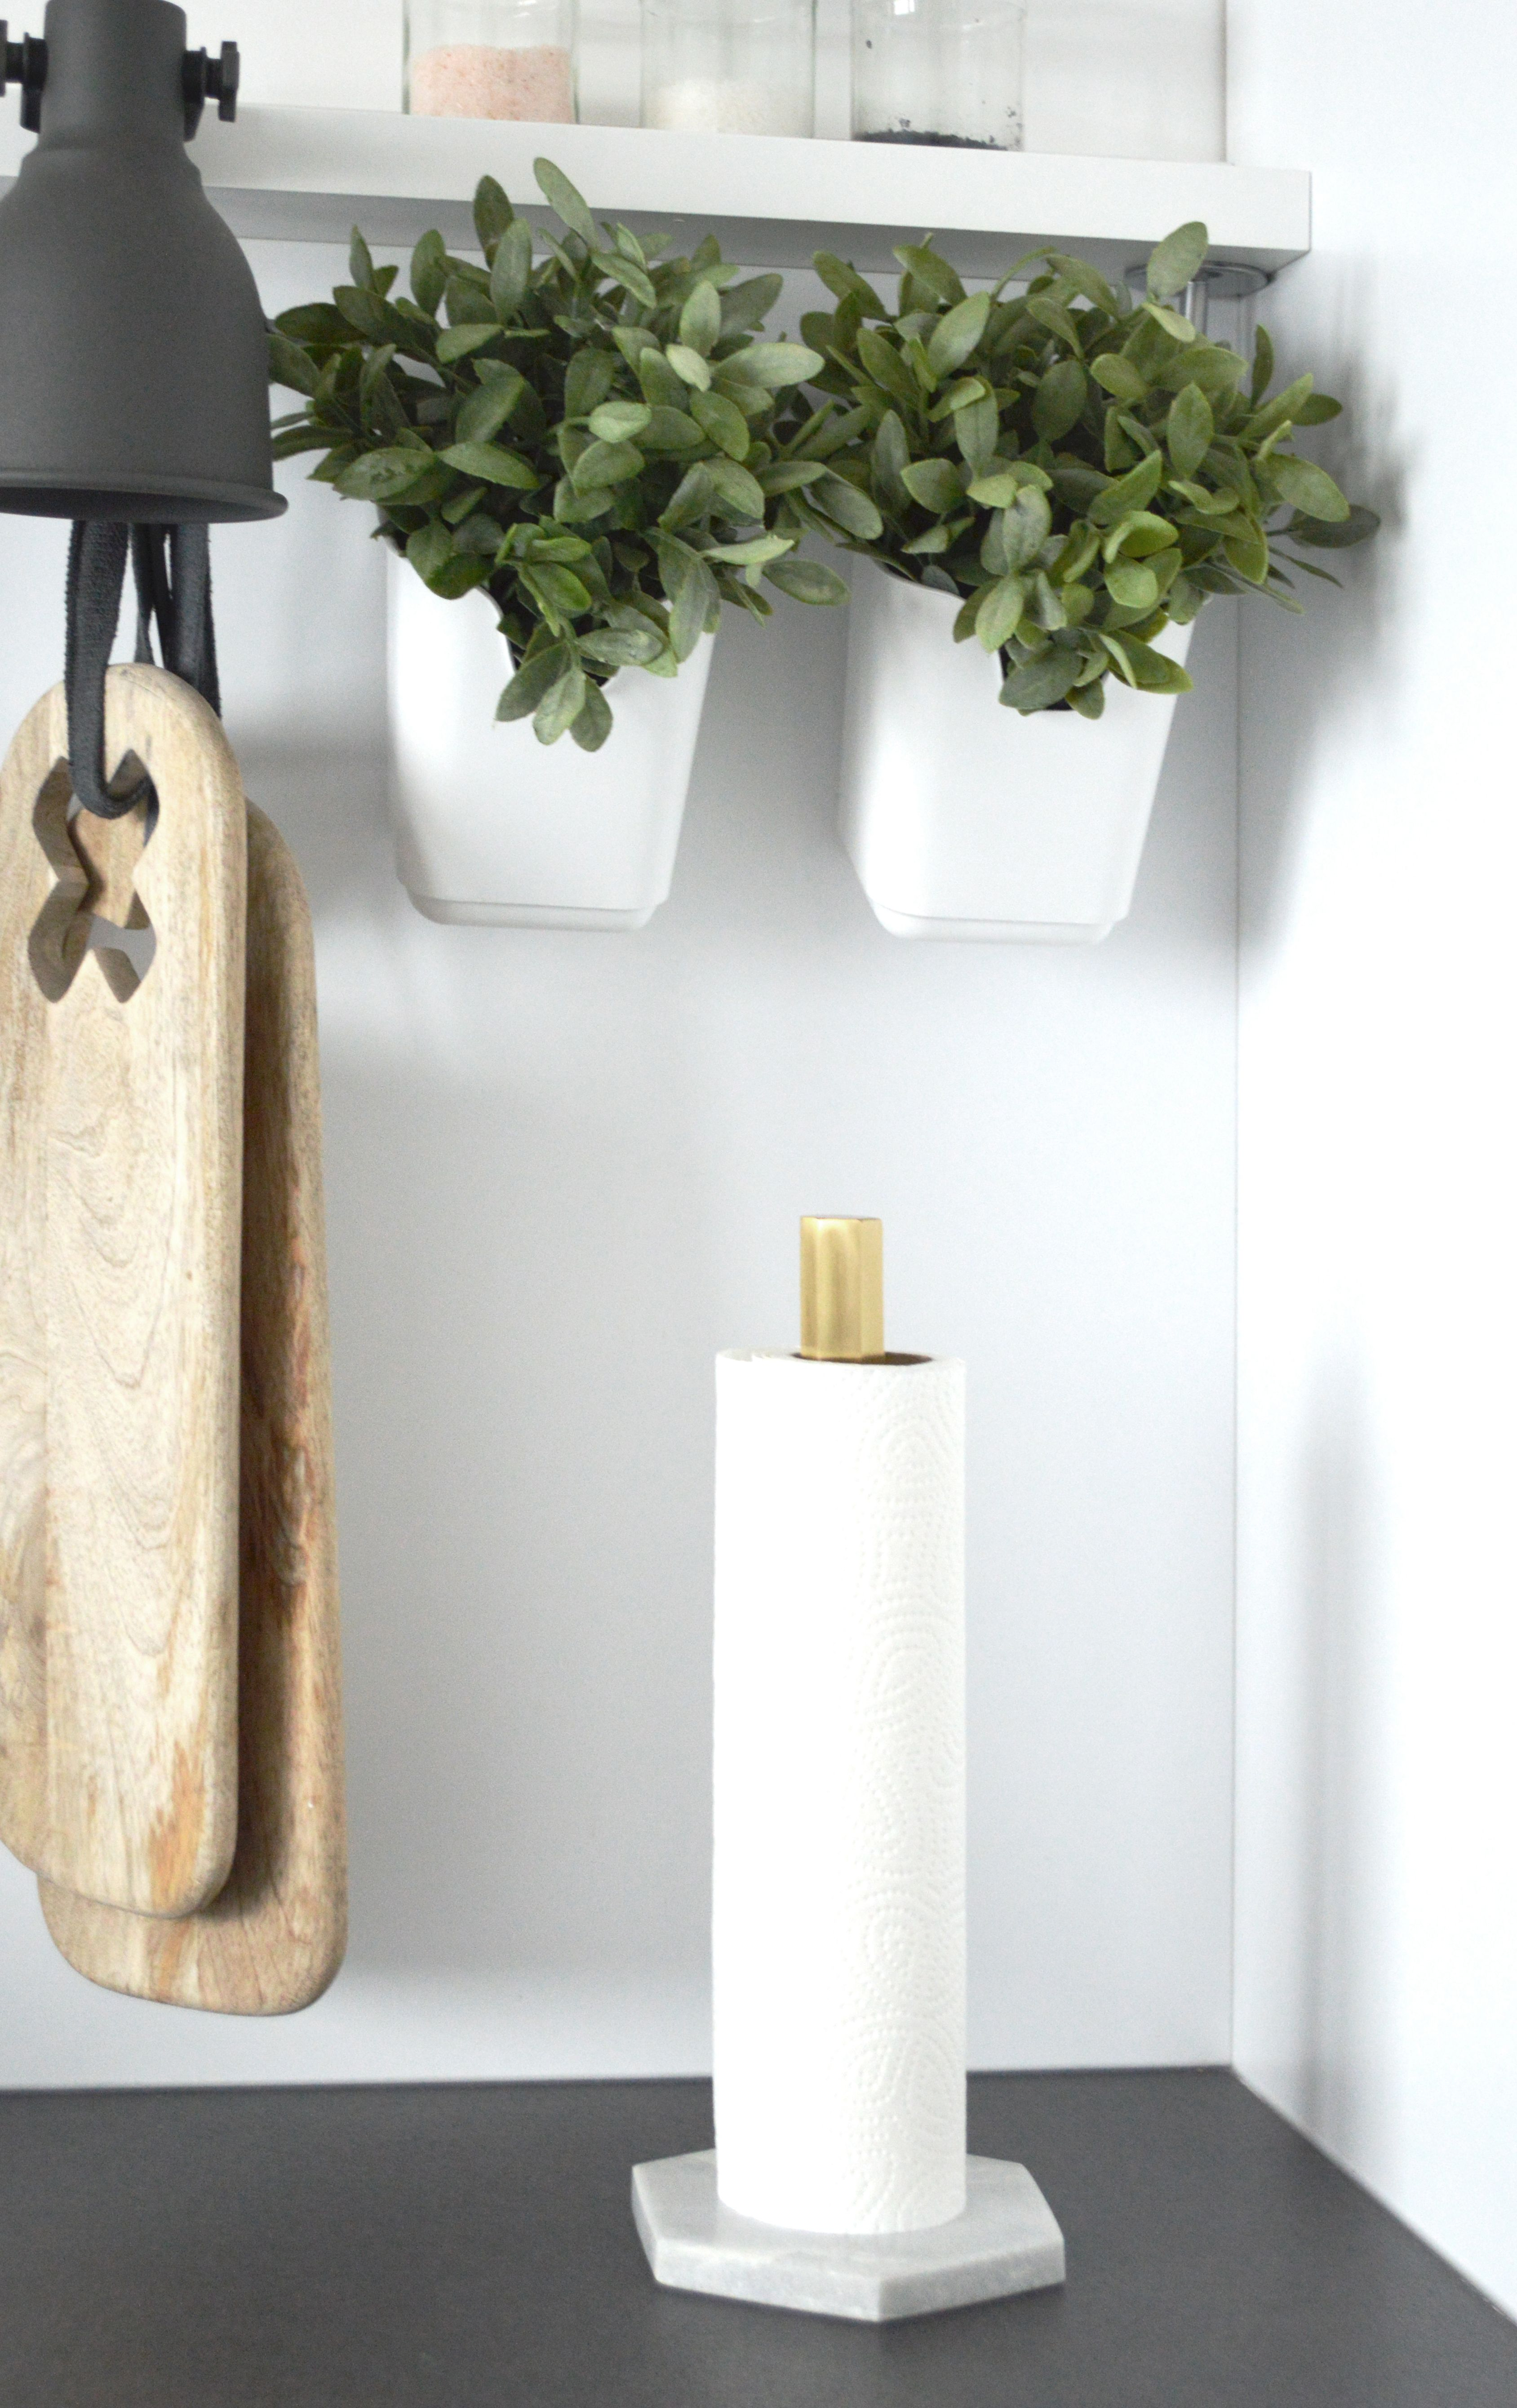 Küchenrollenhalter Selber Bauen ferm living hexagon küchenrollenhalter küchenrollenhalter